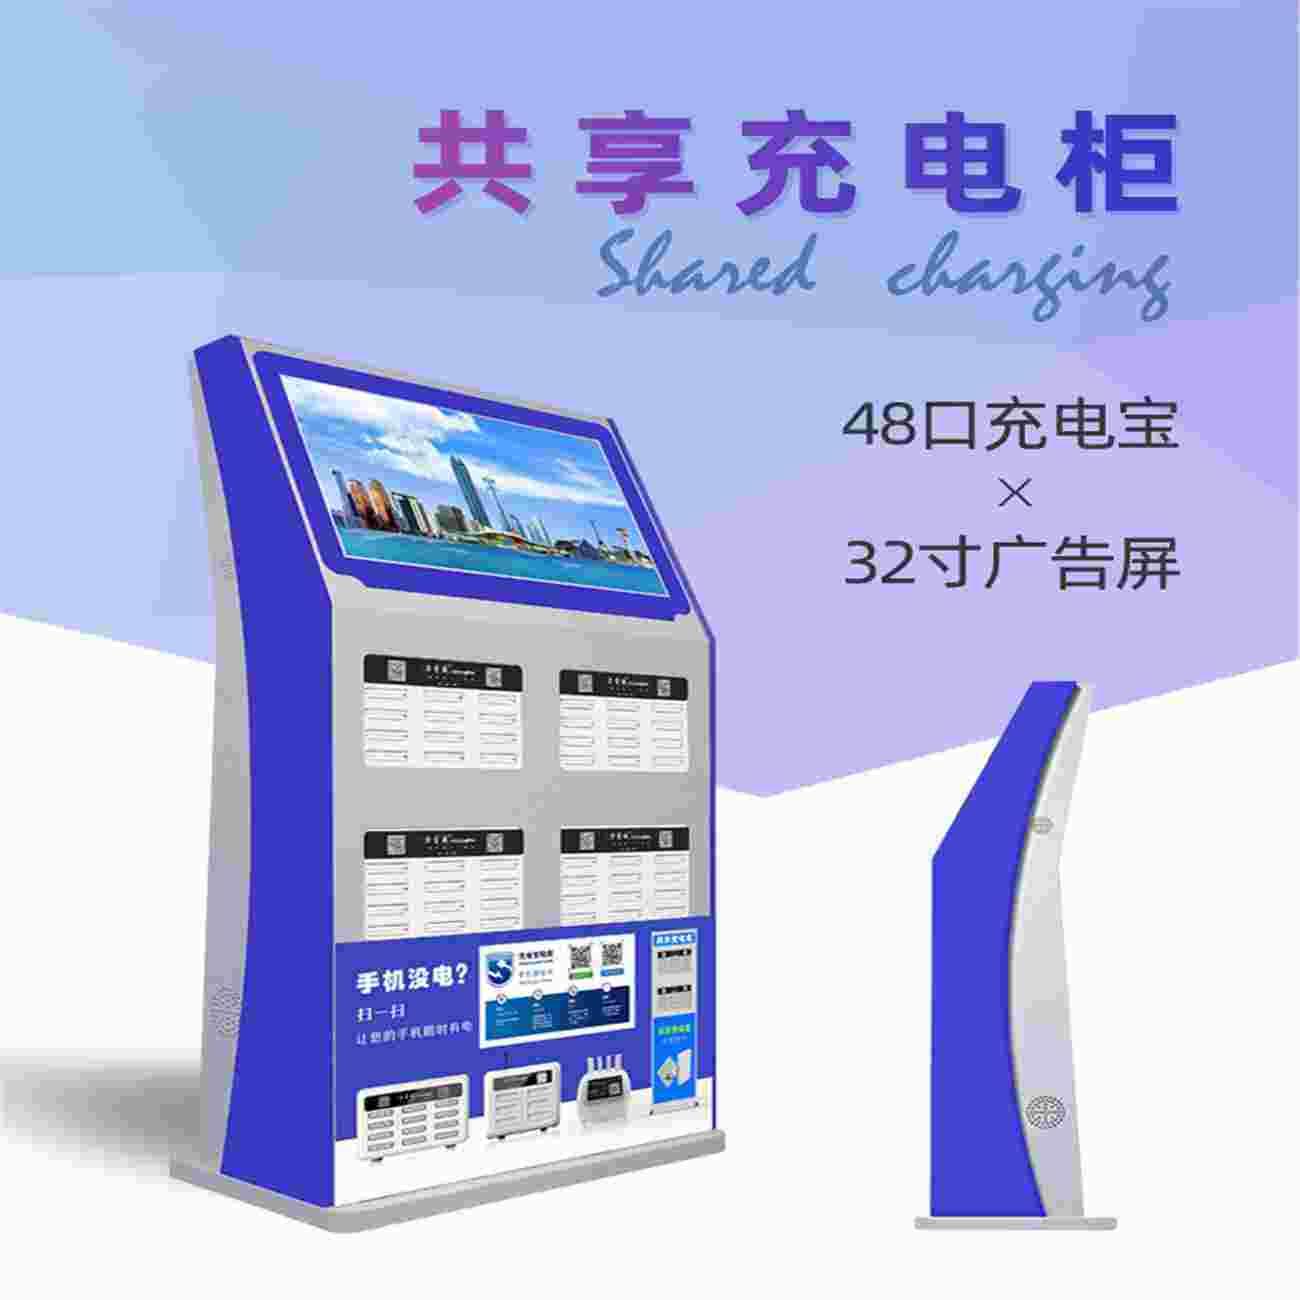 2019新款48共享机柜 32寸前置广告显示屏 共享充电宝移动电源生产厂家